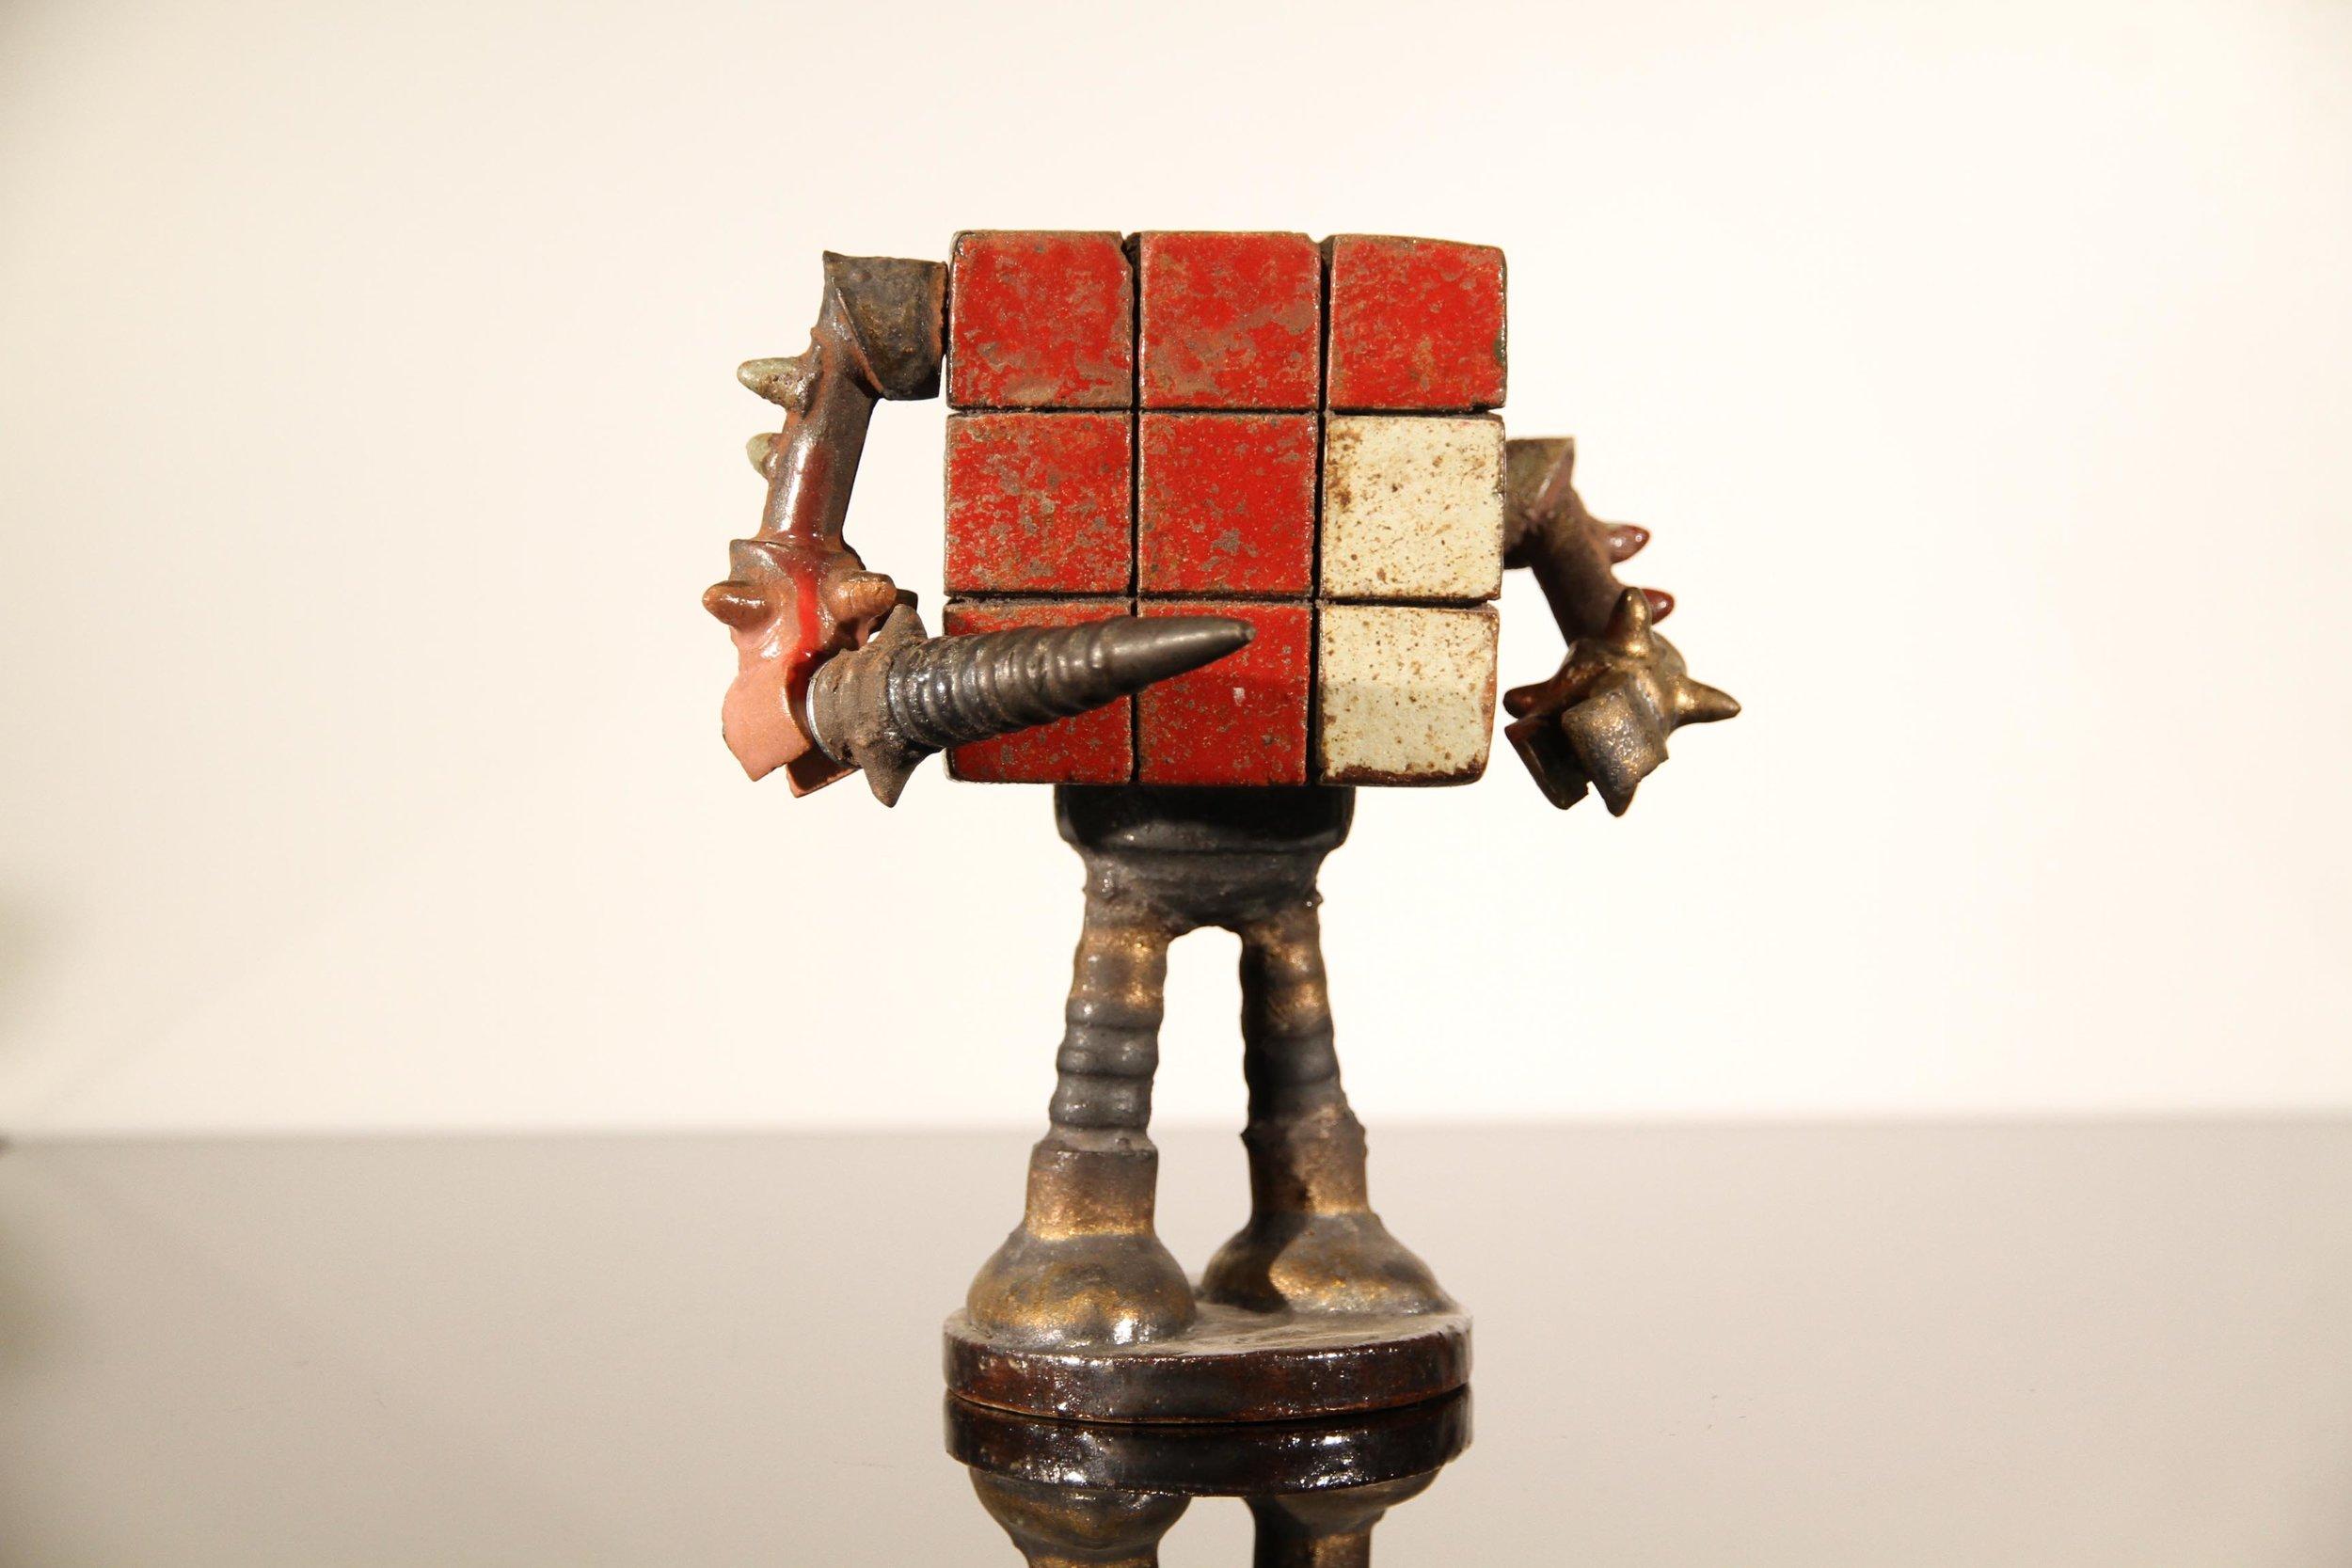 張山 CHANG Shan〈魔人 Rubik's Cube Man〉